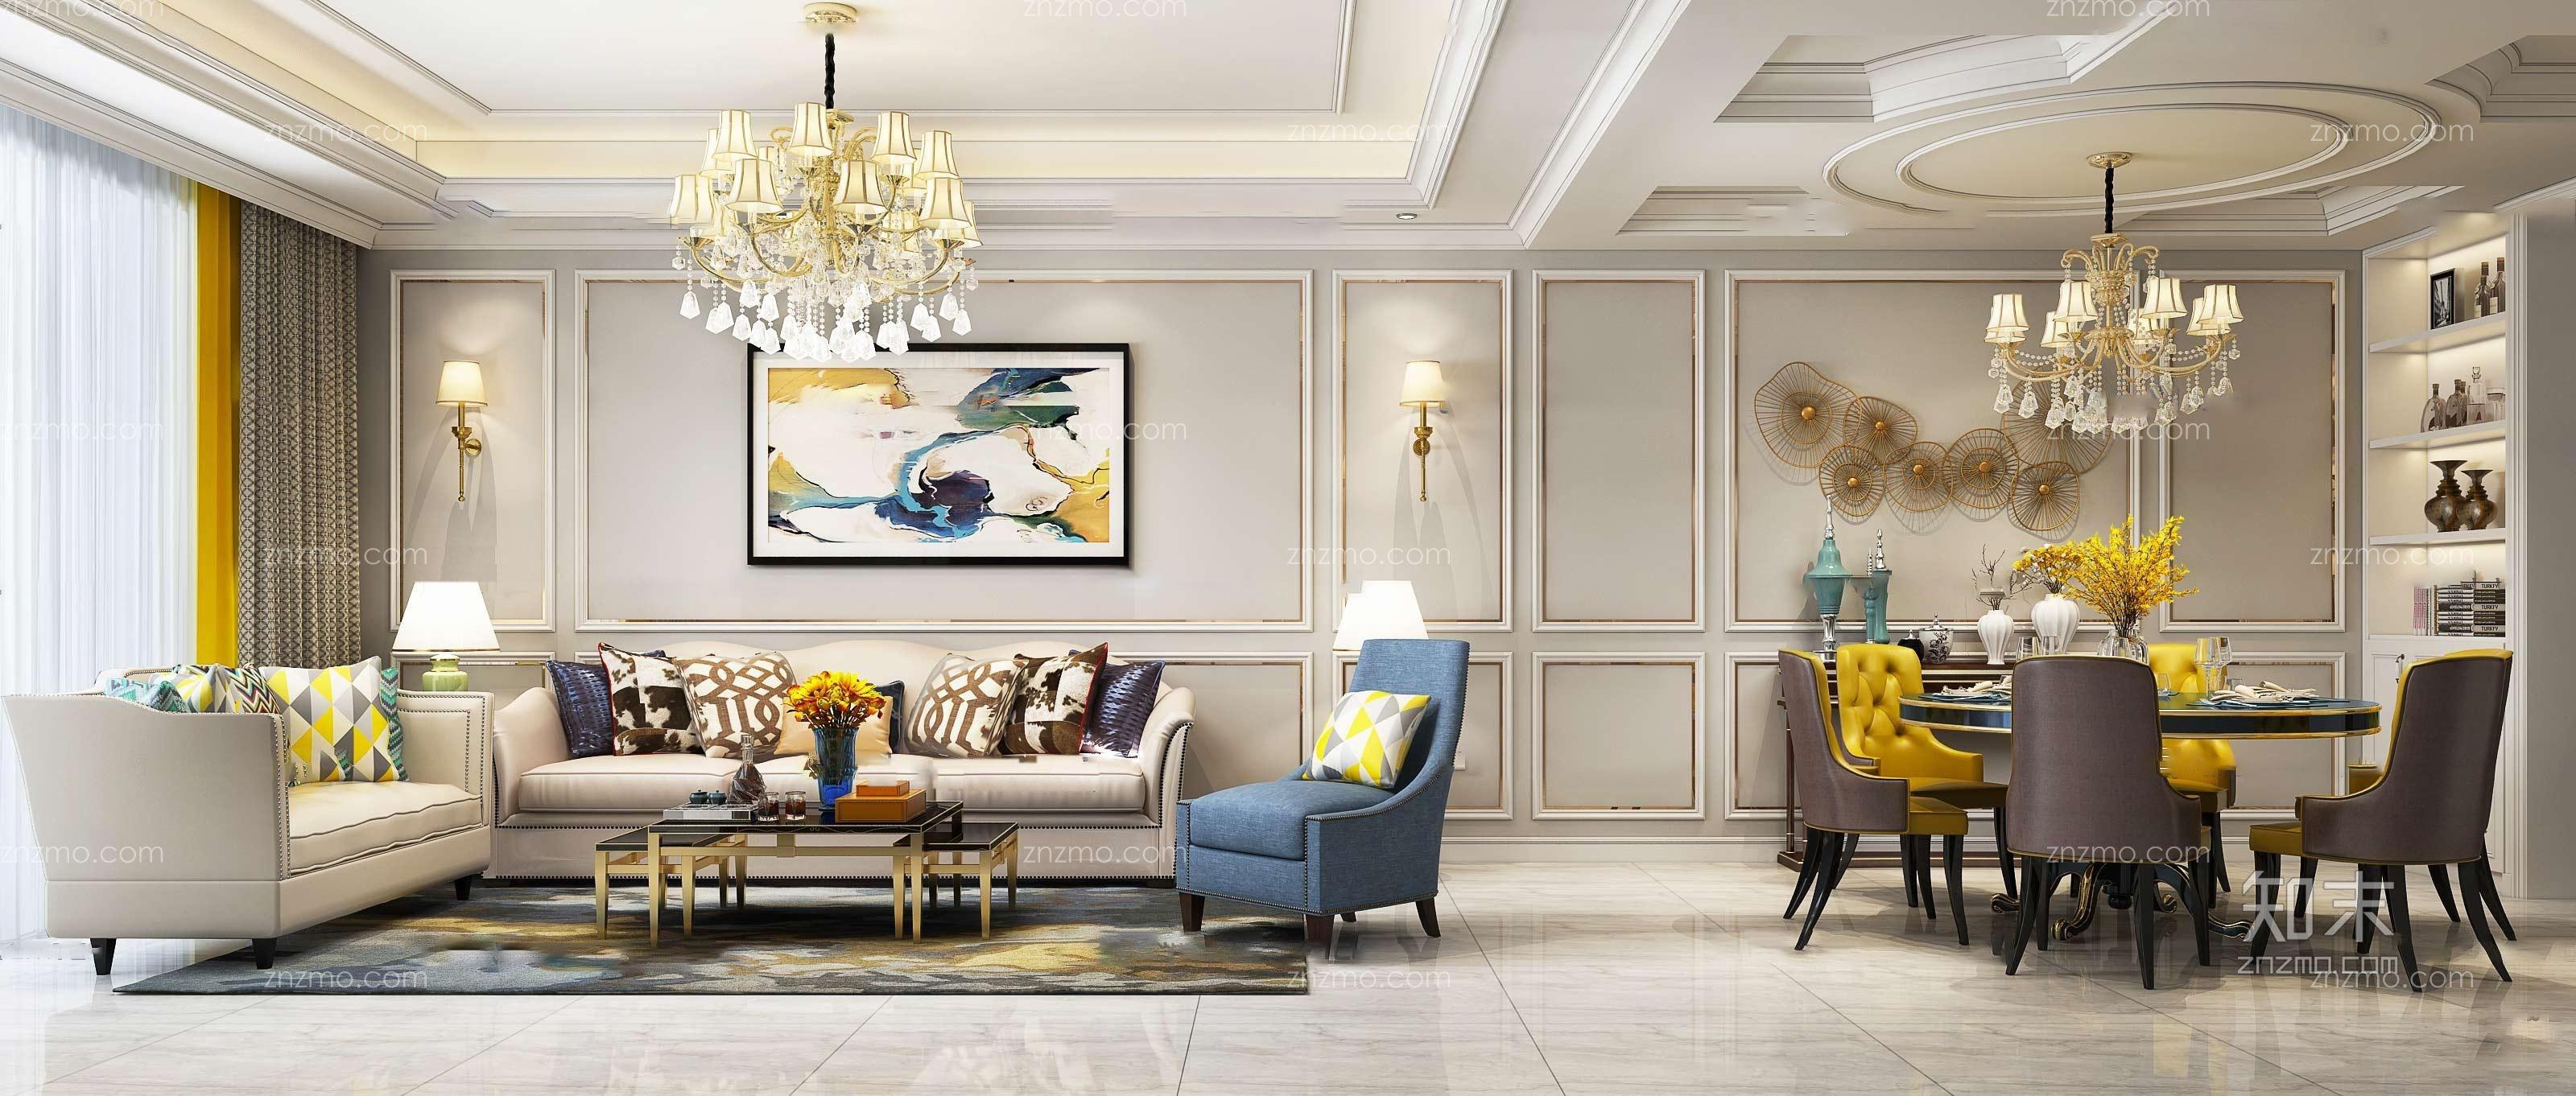 欧式客厅餐厅 沙发茶几 吊灯 休闲椅 挂画 壁灯 台灯 休闲椅 餐桌椅